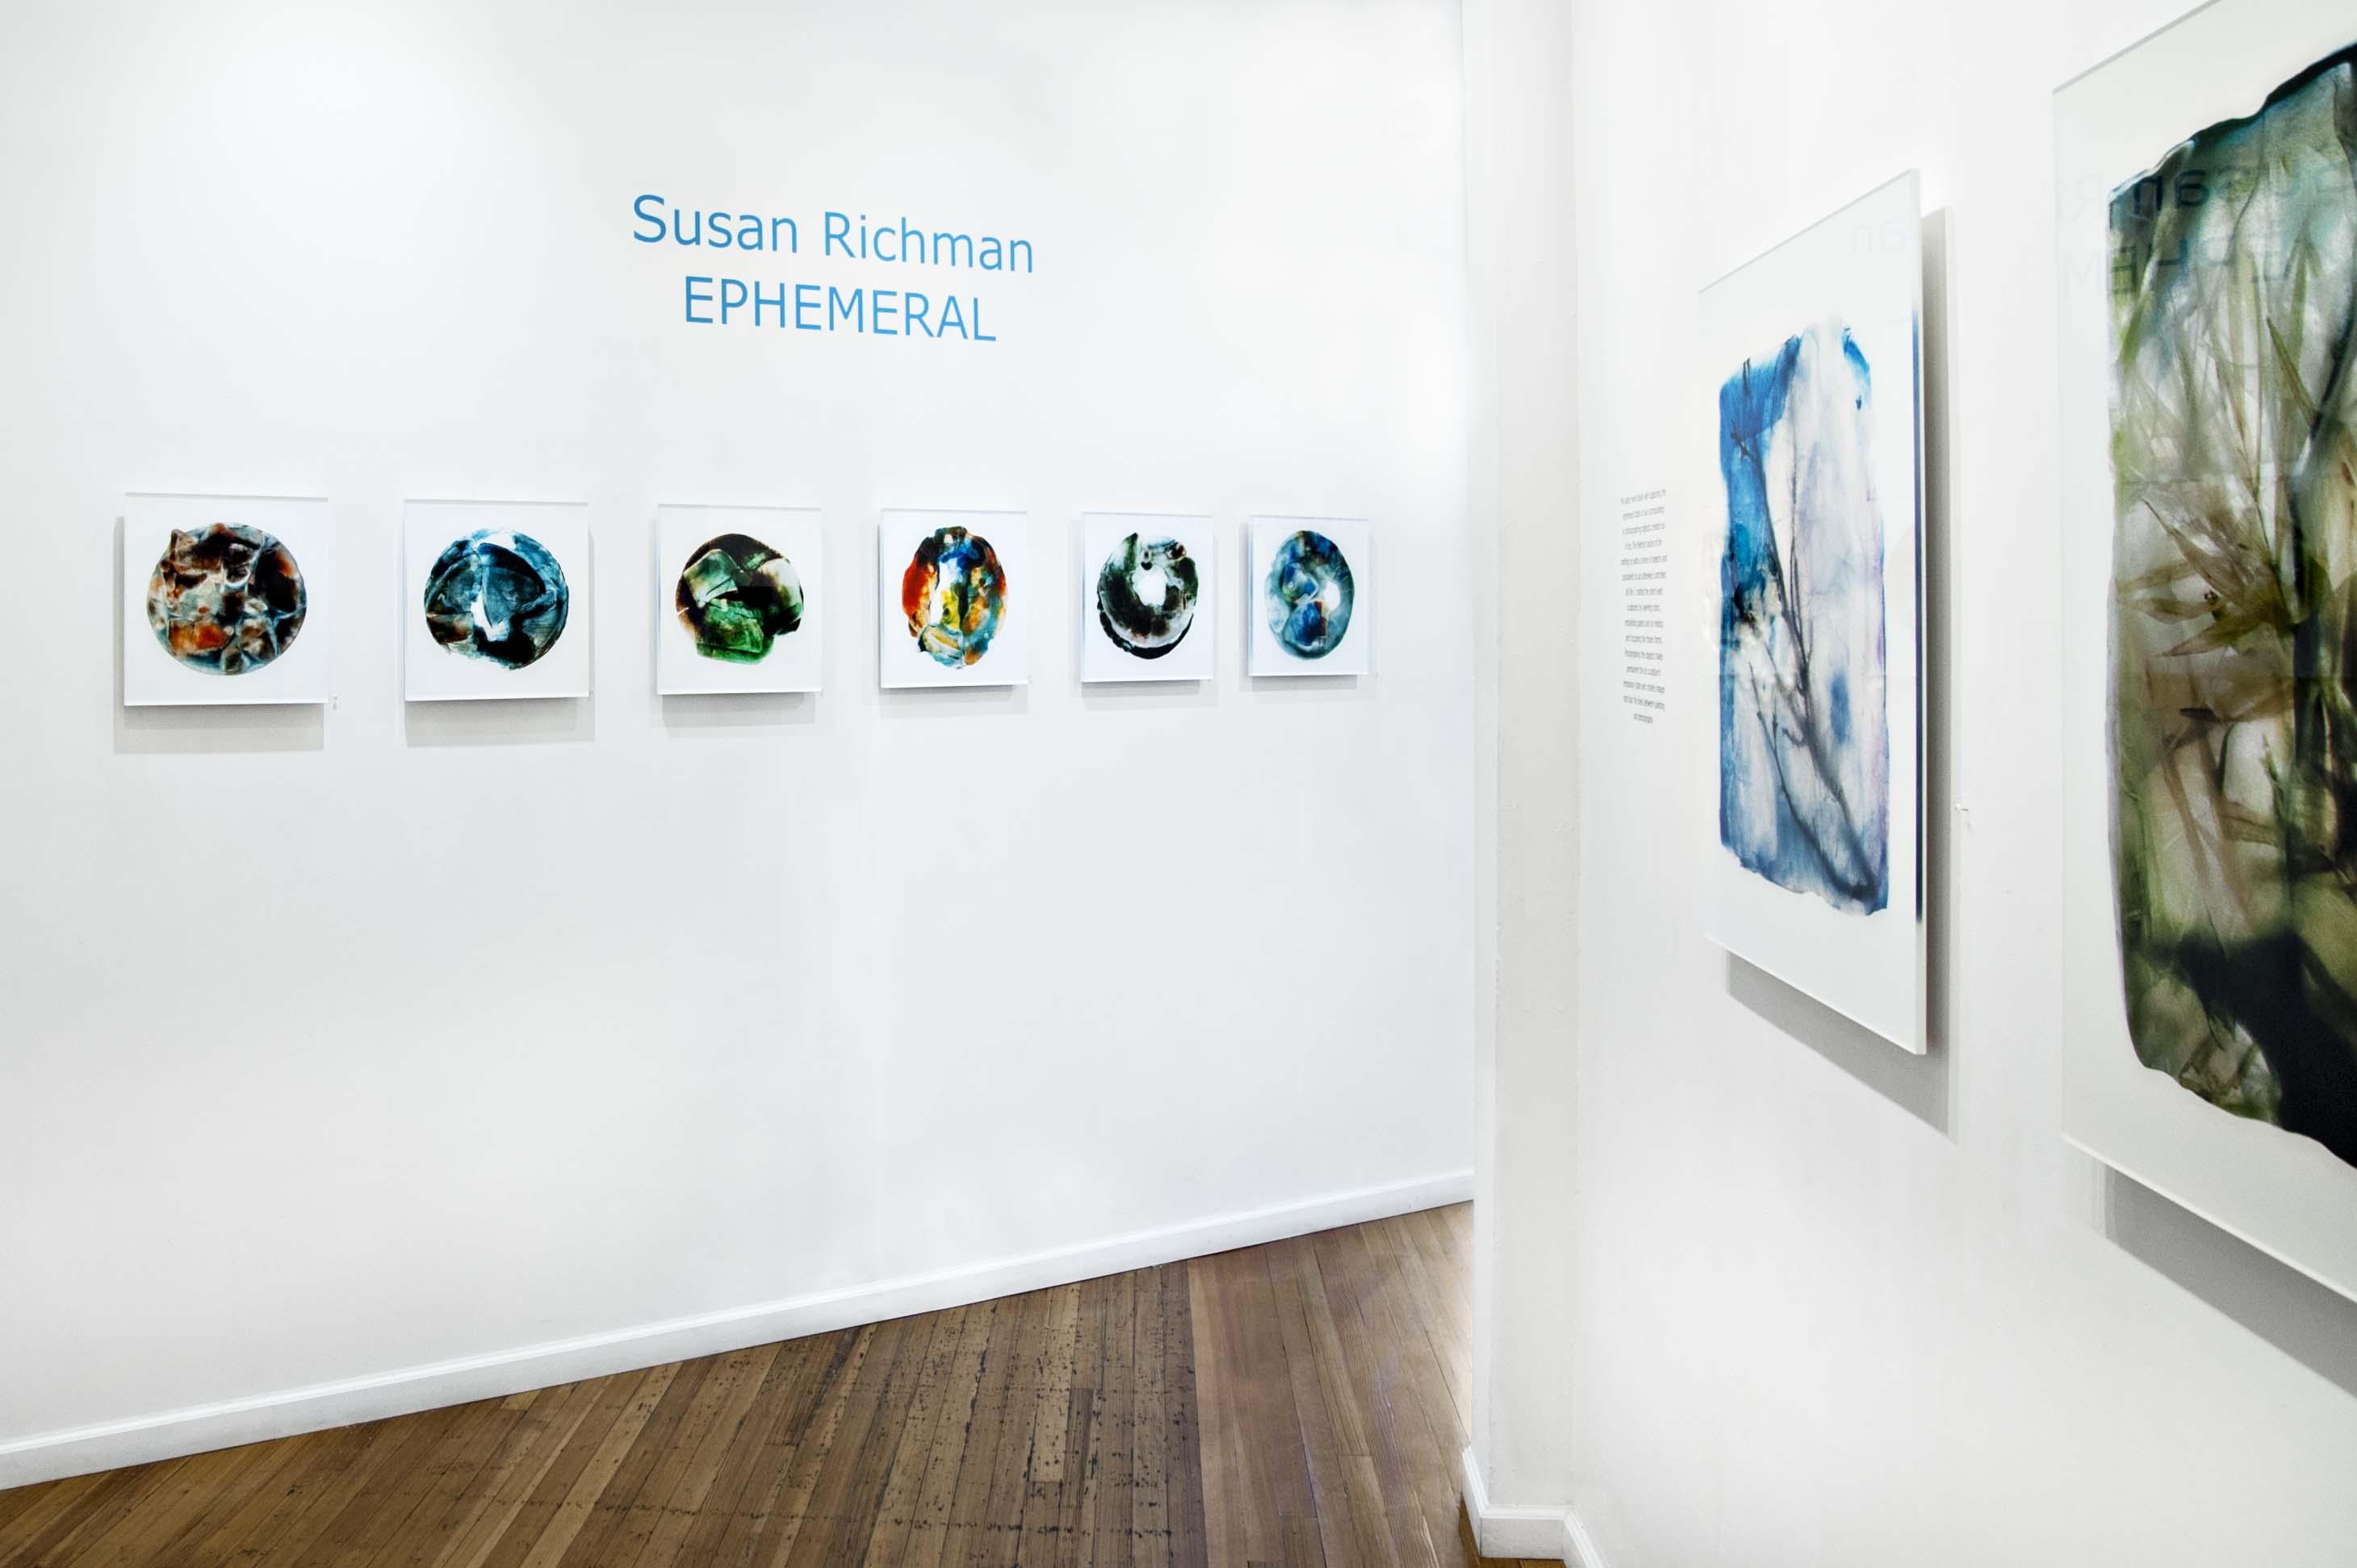 Ephemeral, Upstream Gallery Exhibition- View 1